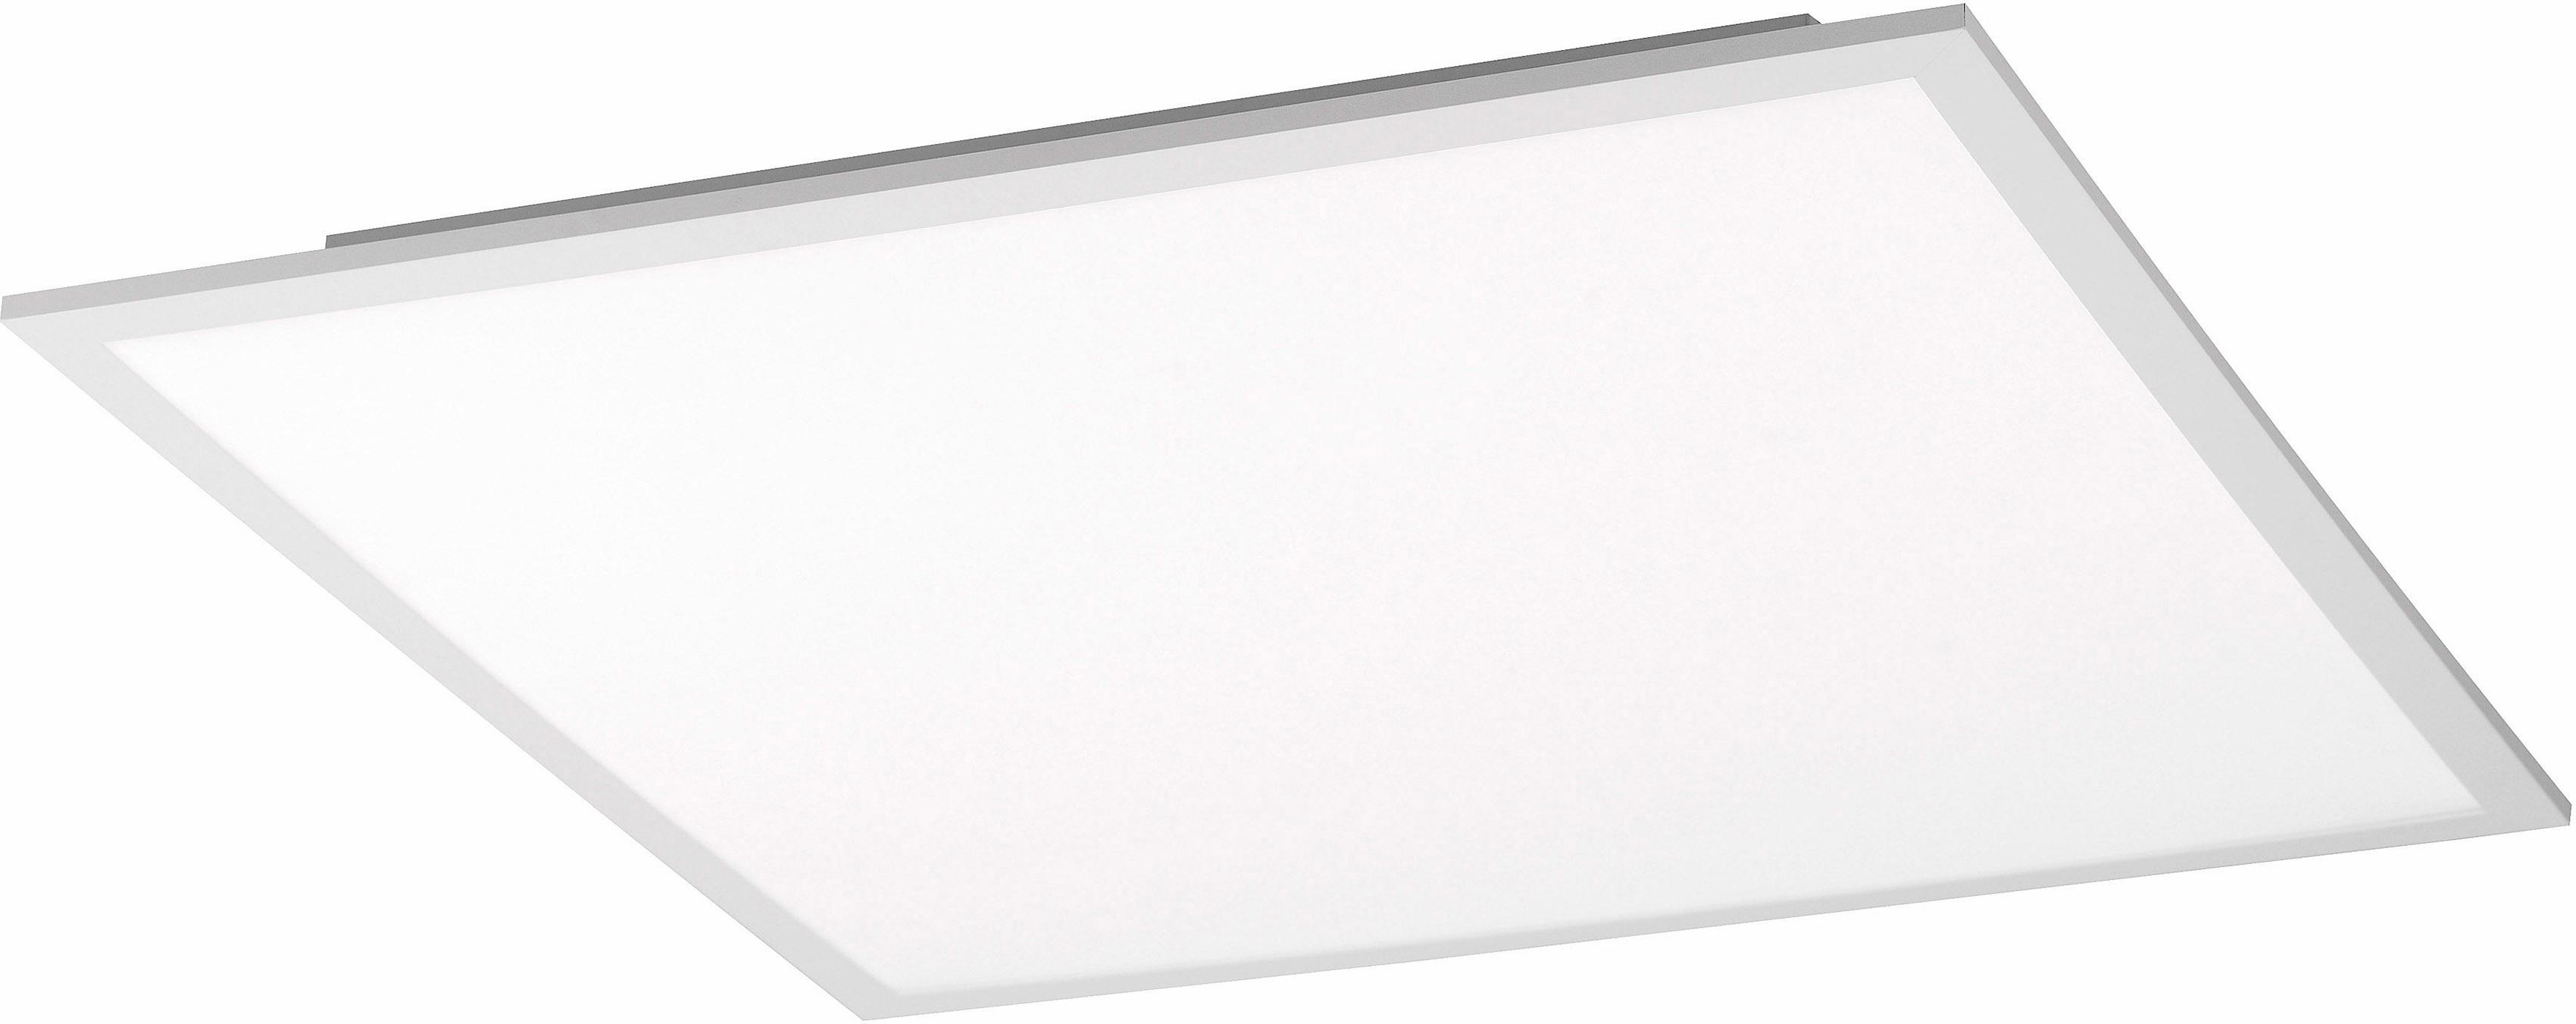 Leuchten Direkt Deckenleuchte FLAT, LED-Board, Warmweiß-Neutralweiß